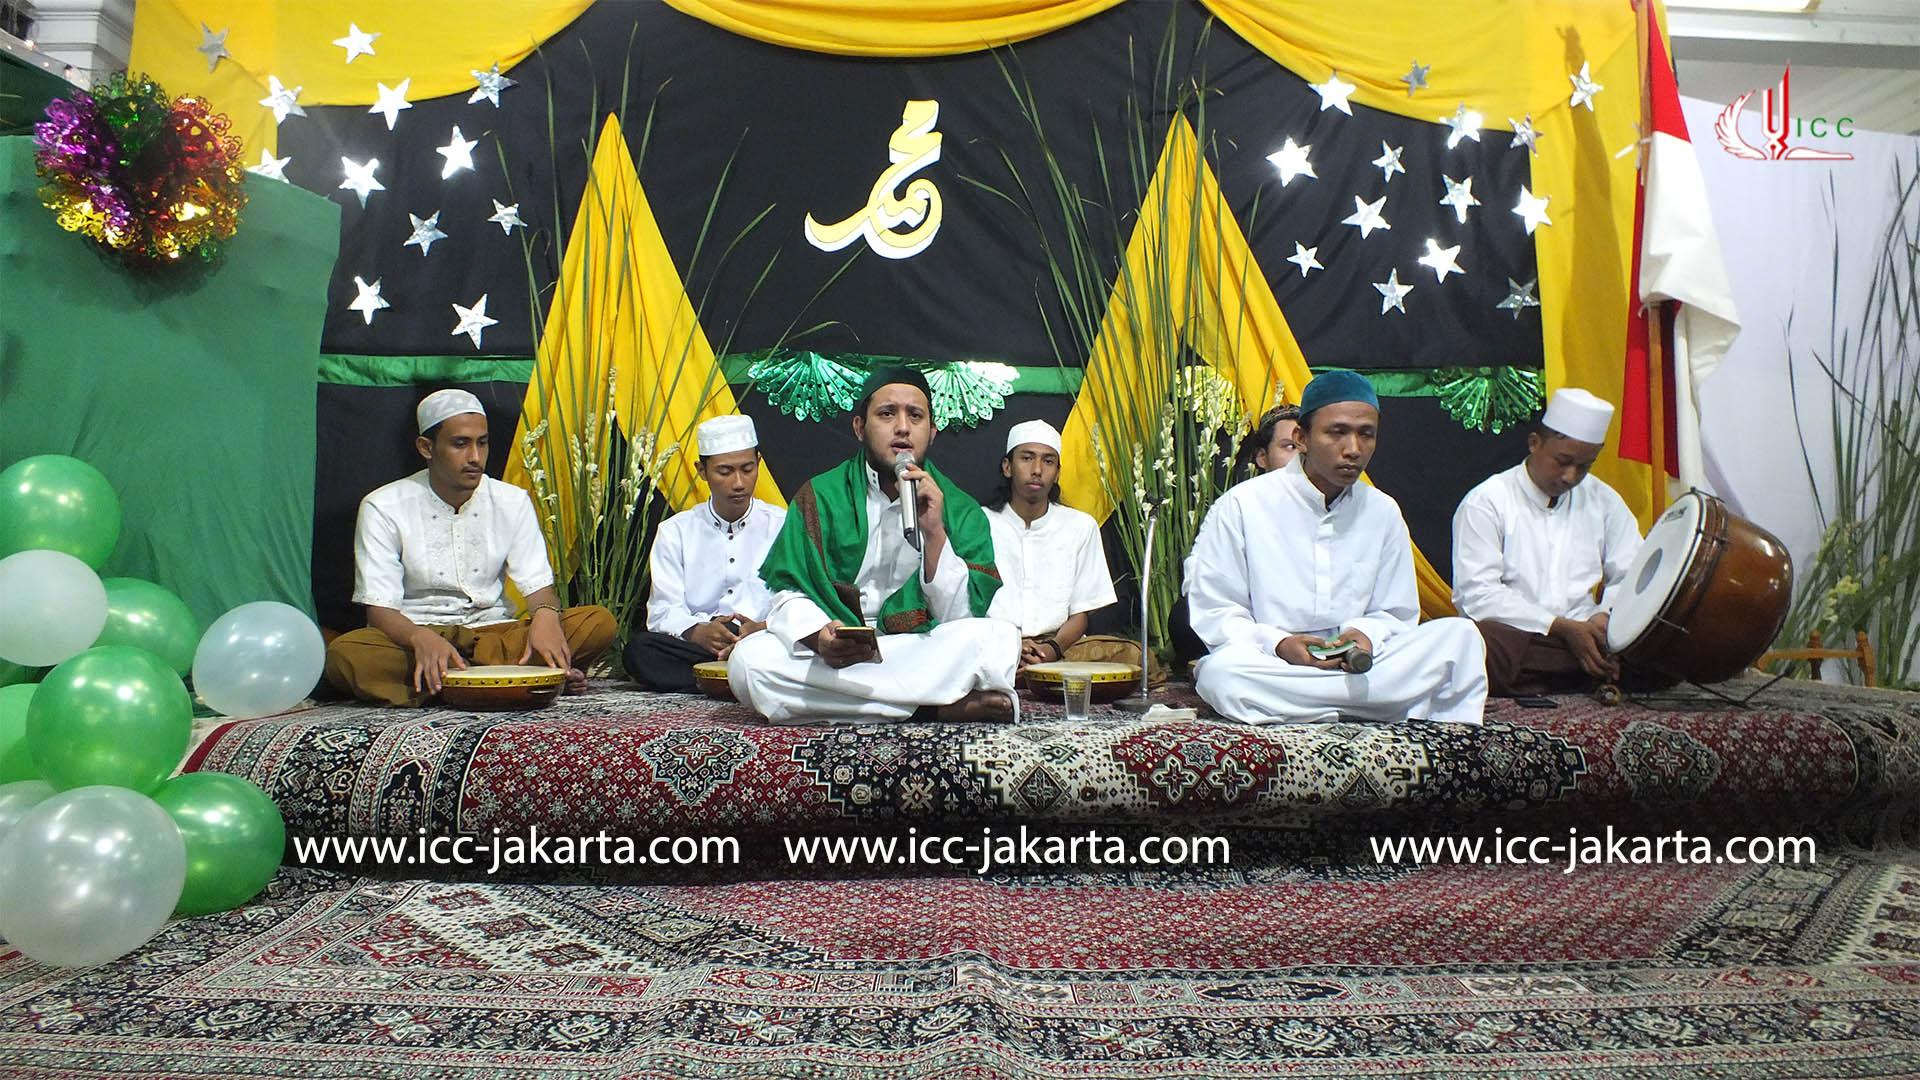 Peringatan Maulid Nabi Muhammad Saw di ICC Jakarta 1441 H